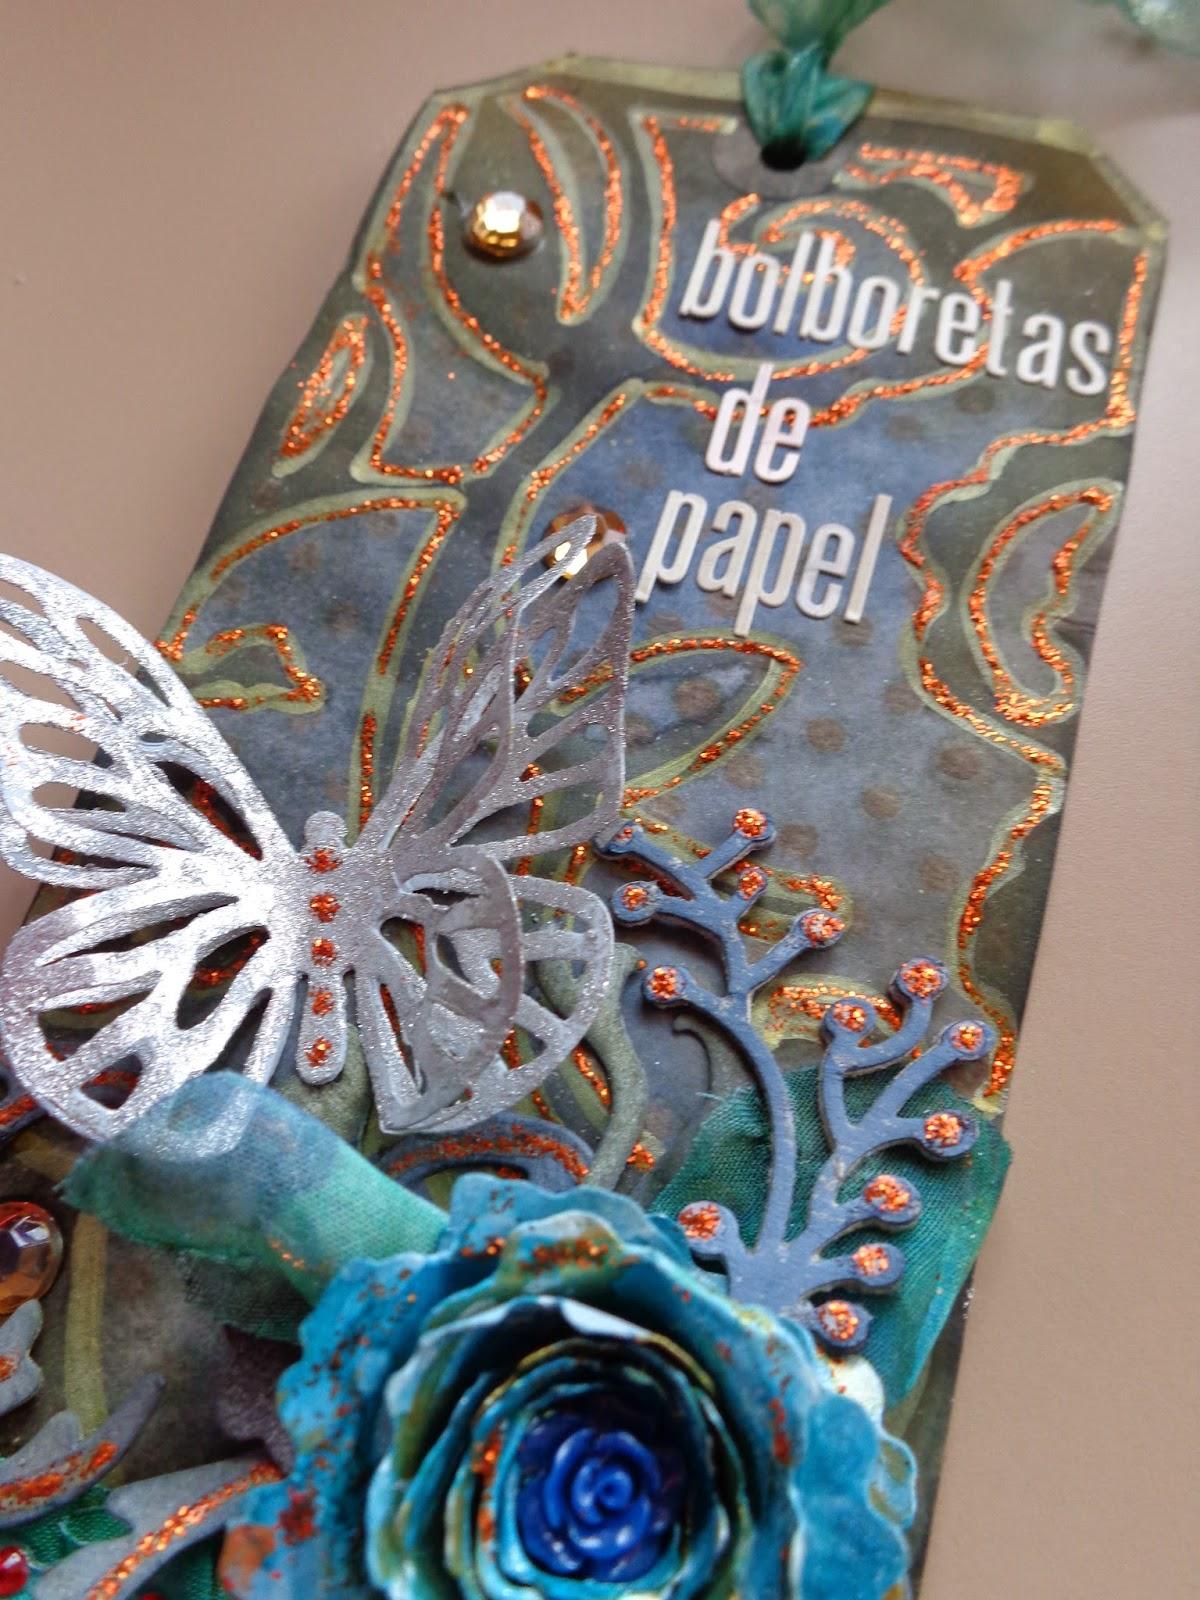 Blog Bolboretas de Papel